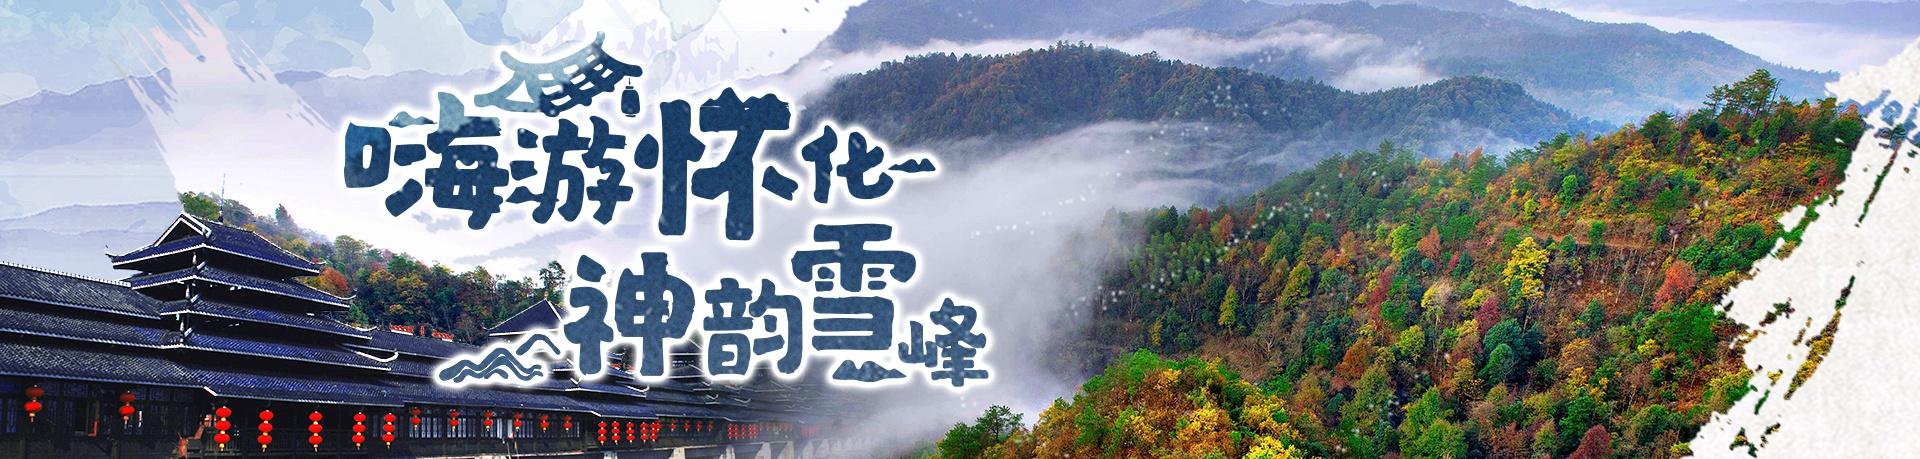 专题丨嗨游怀化 神韵雪峰